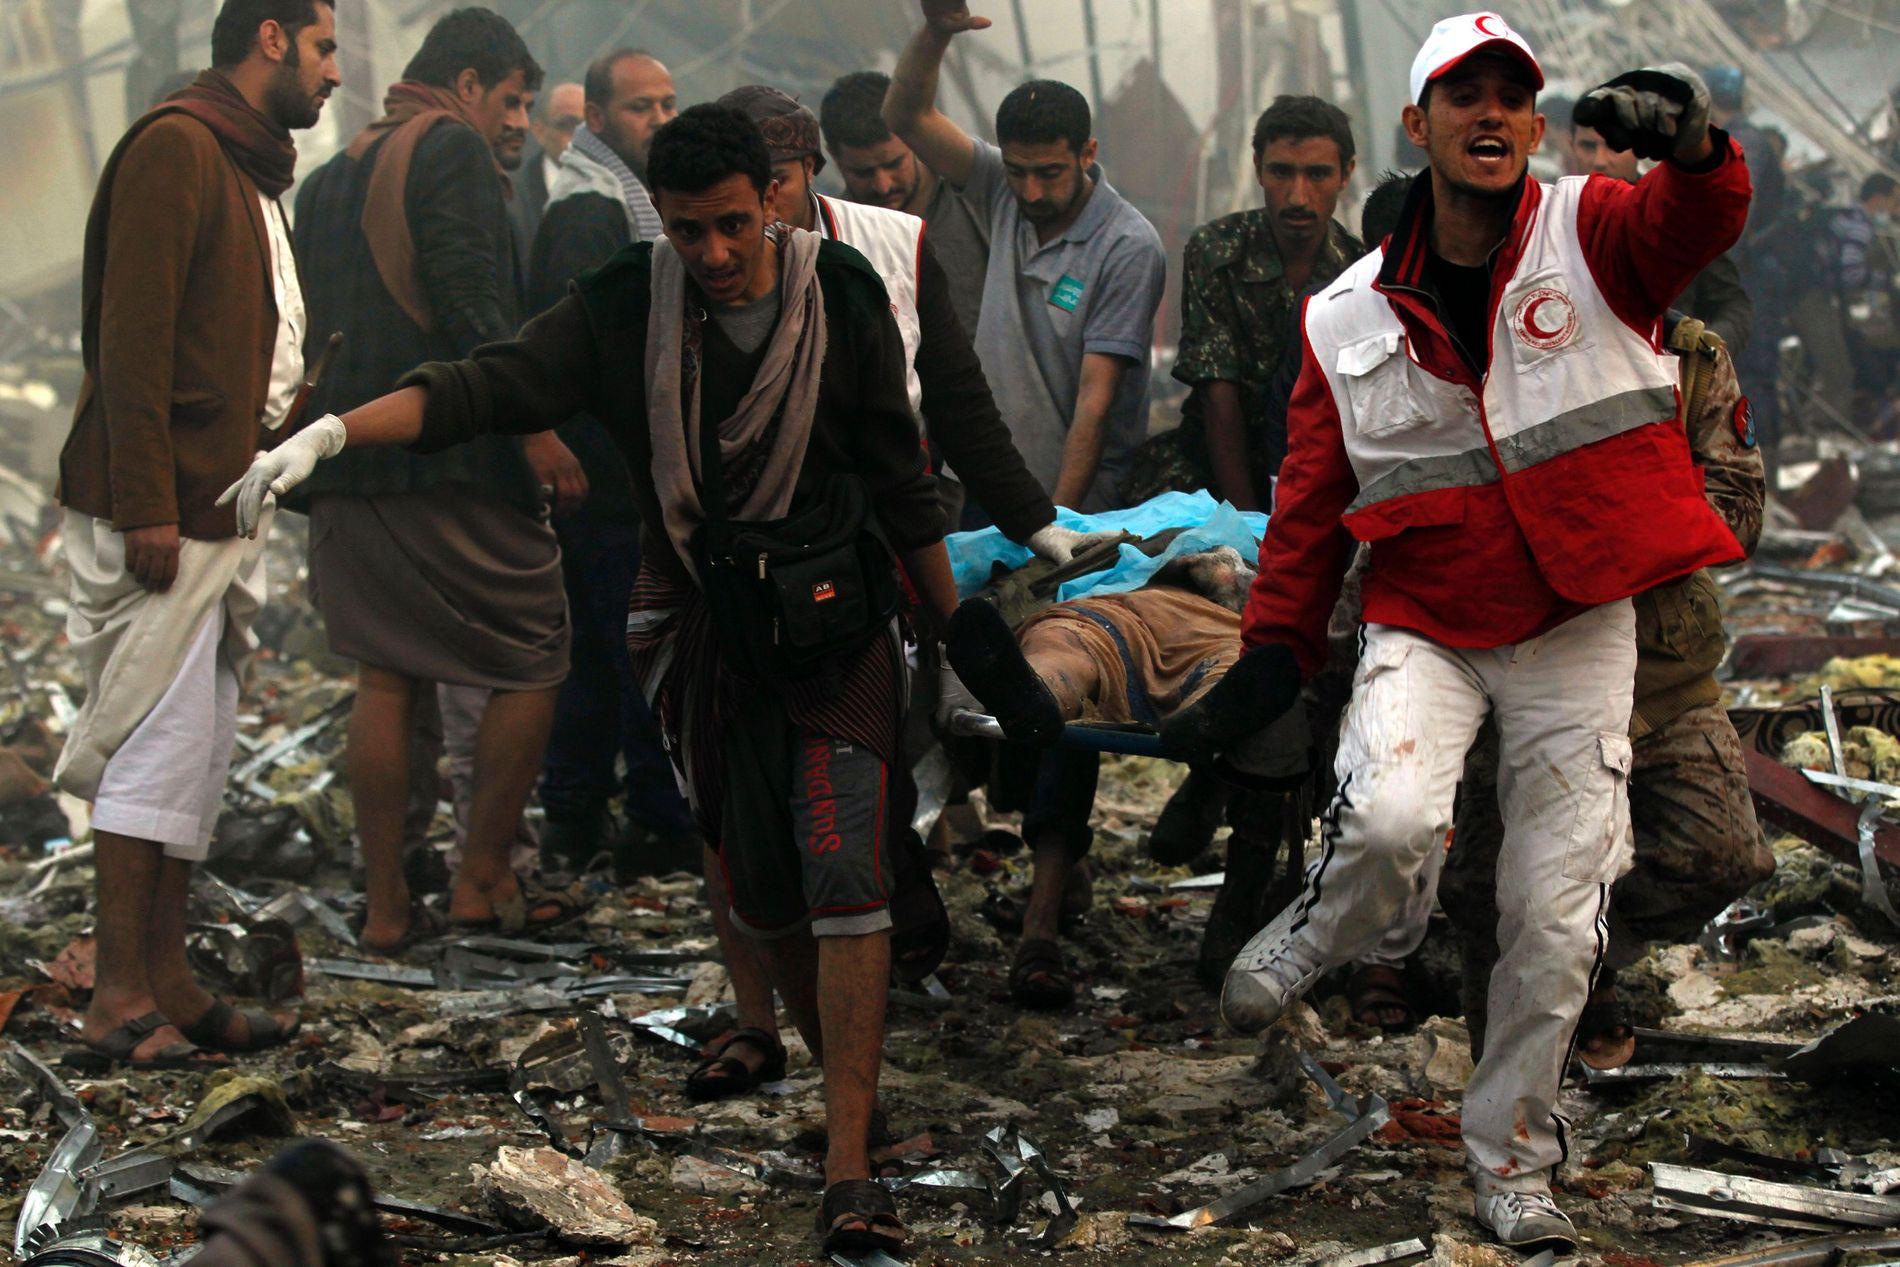 ANGREP MOT BEGRAVELSE: 155 døde da angrepsfly angrep en begravelse i Sanaa i 2016. Restene av en Raytheon bombe skal ha blitt funnet i ruinene.